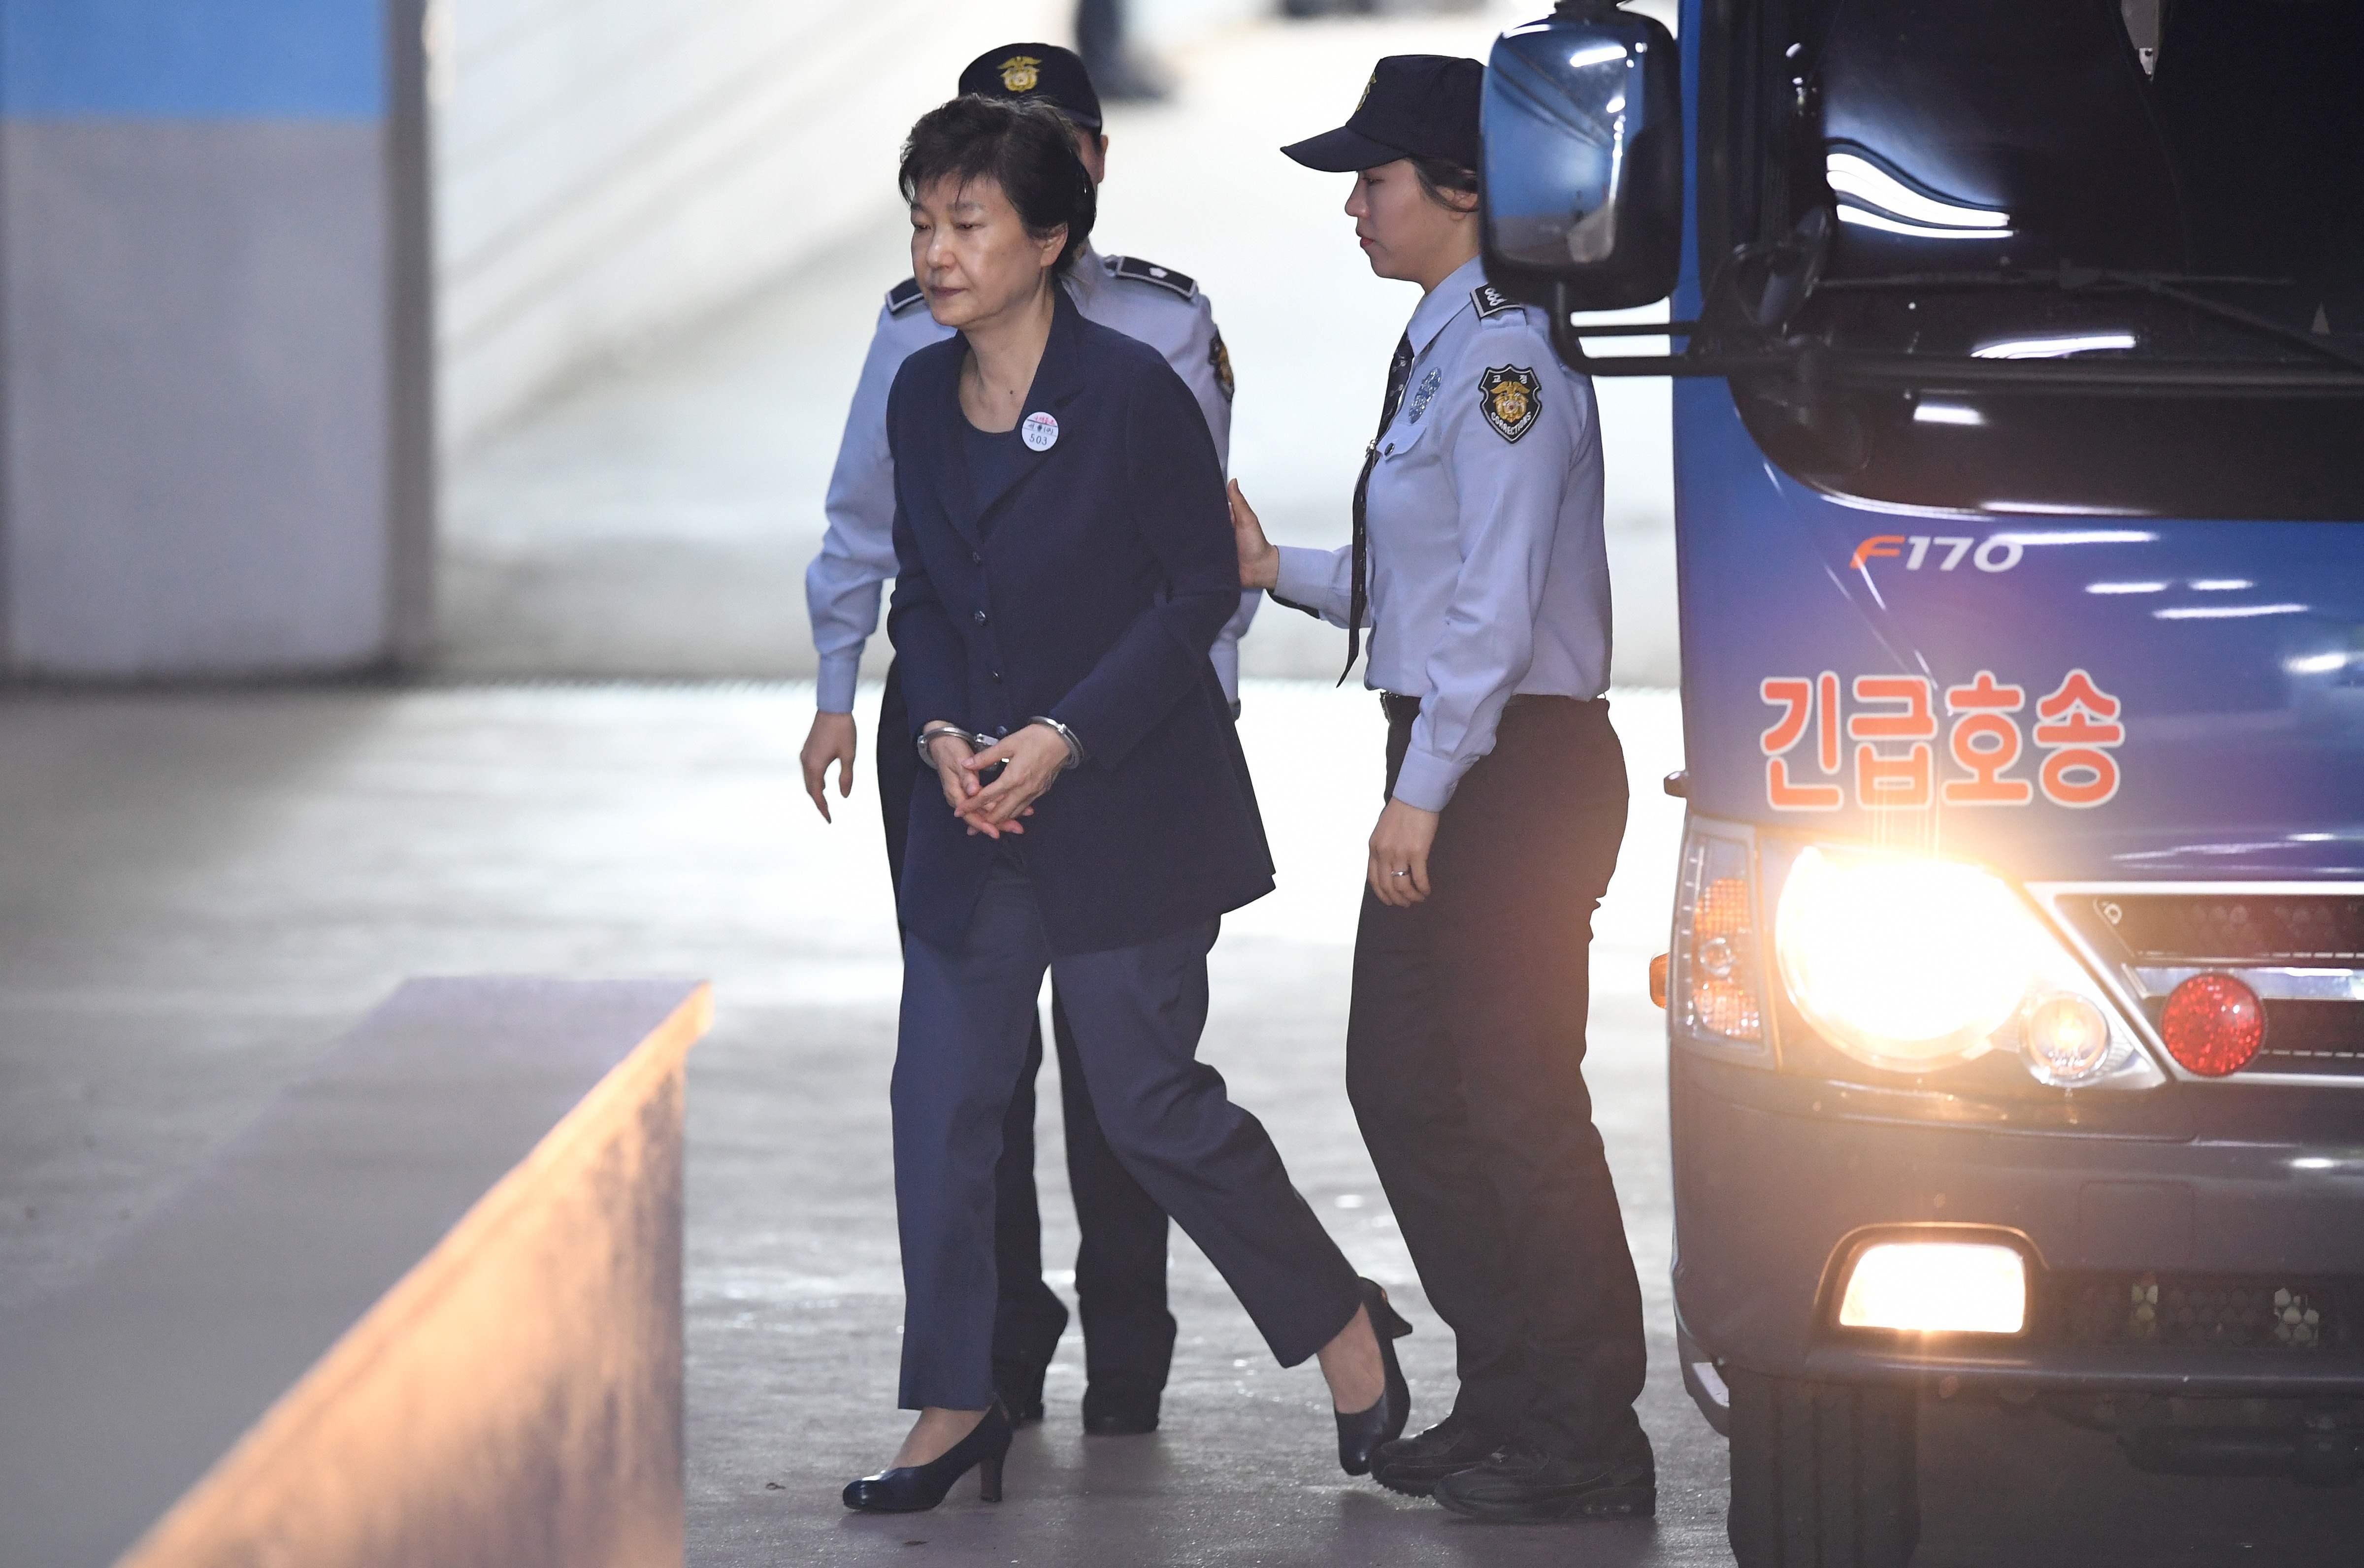 دخول رئيسة كوريا الجنوبية السابقة بـالكلابشات إلى قاعة المحكمة